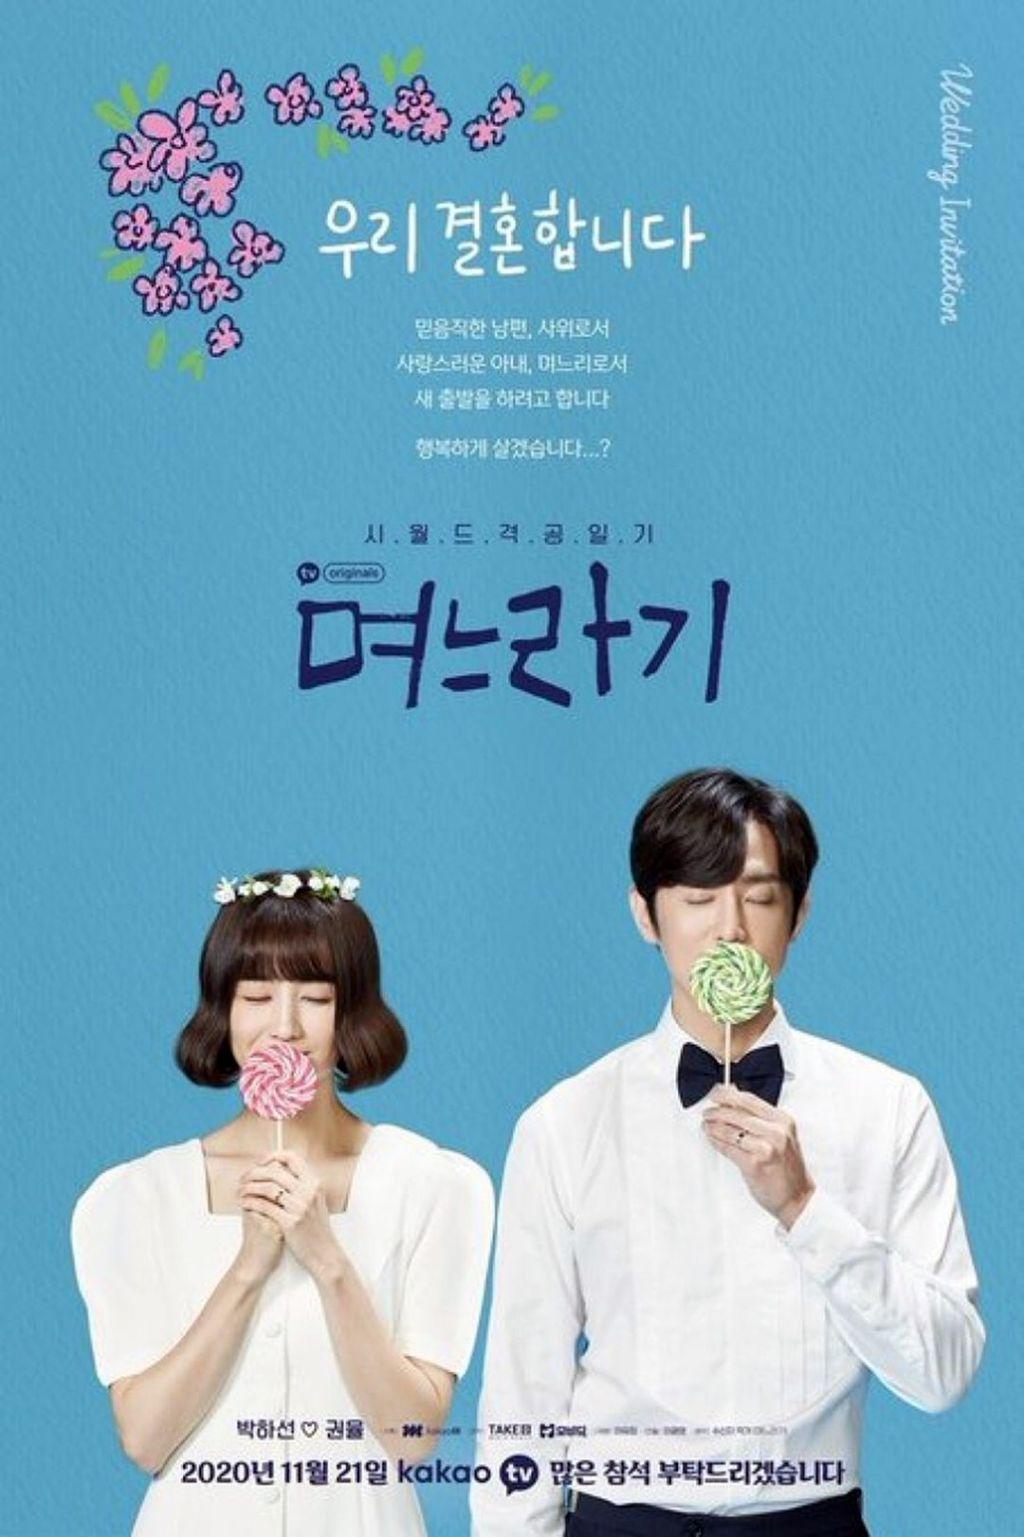 Sinopsis Dan Profil Lengkap Pemeran K-Drama Daughter-in-Law (2020) Yang Siap Tayang November 2020